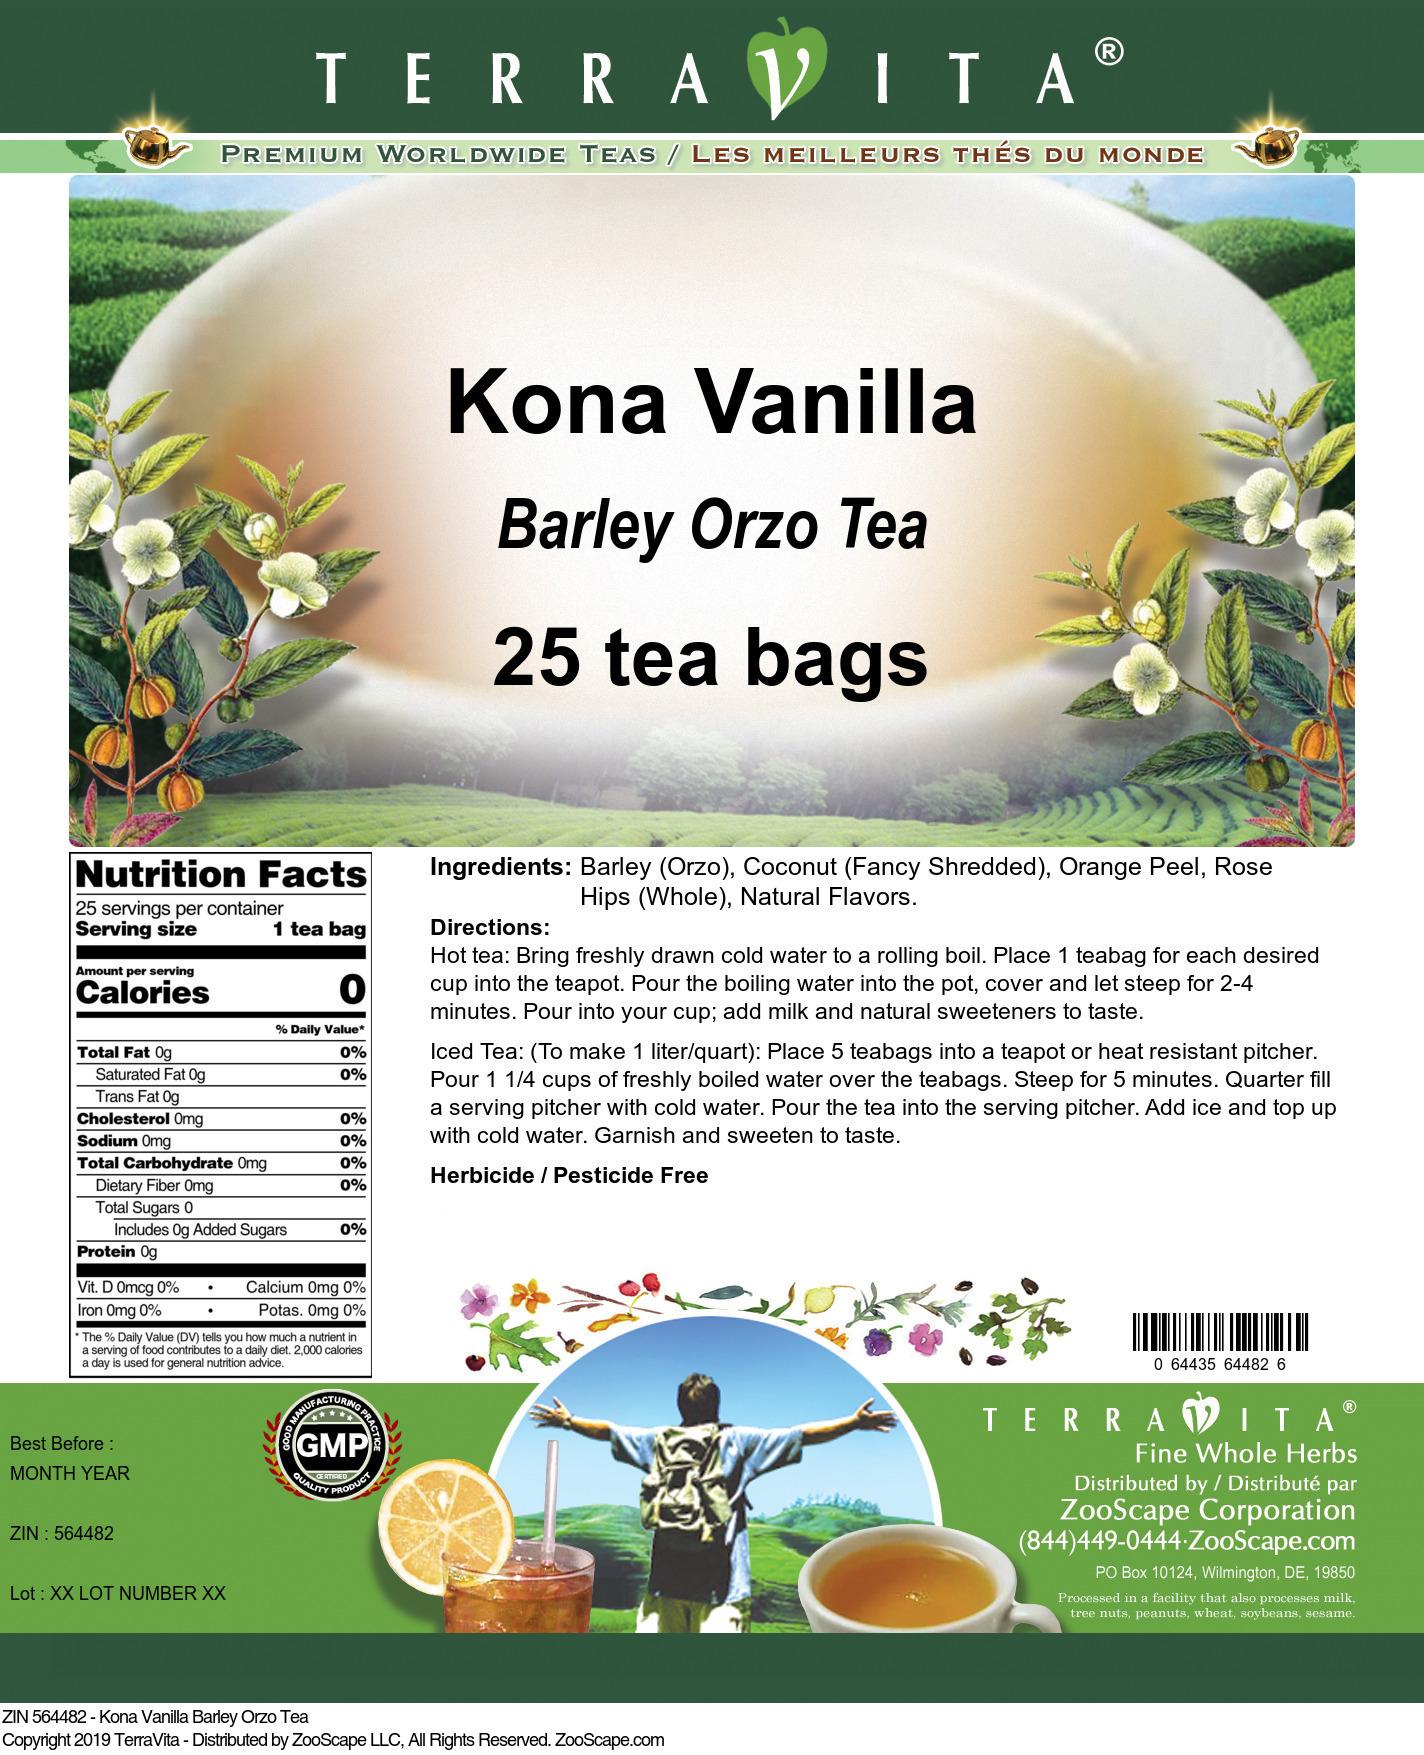 Kona Vanilla Barley Orzo Tea